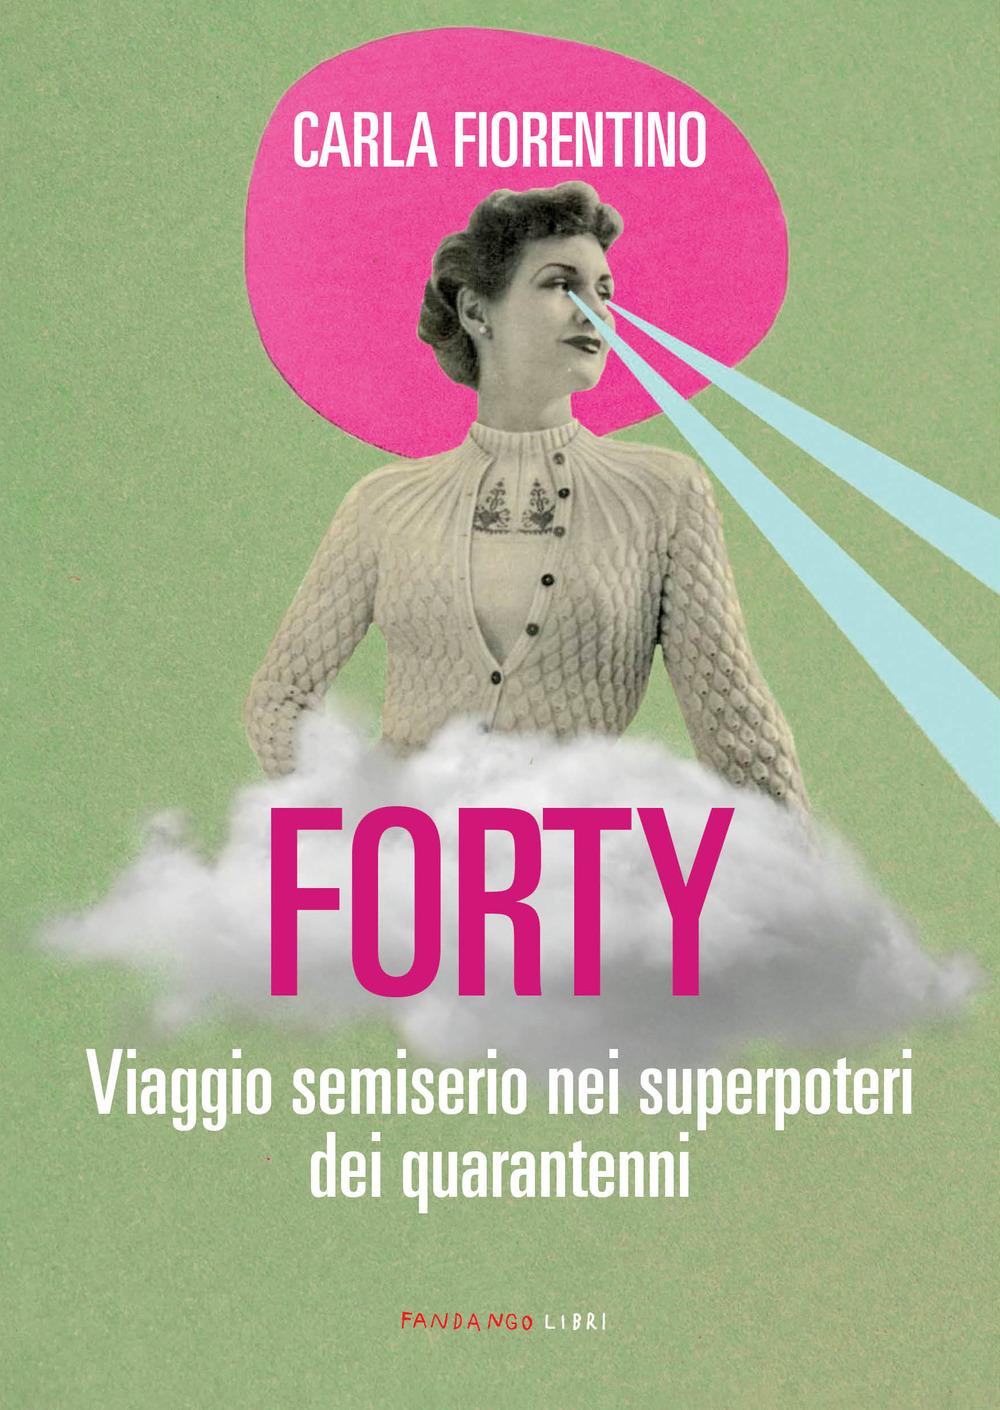 FORTY di Carla Fiorentino, Fandango